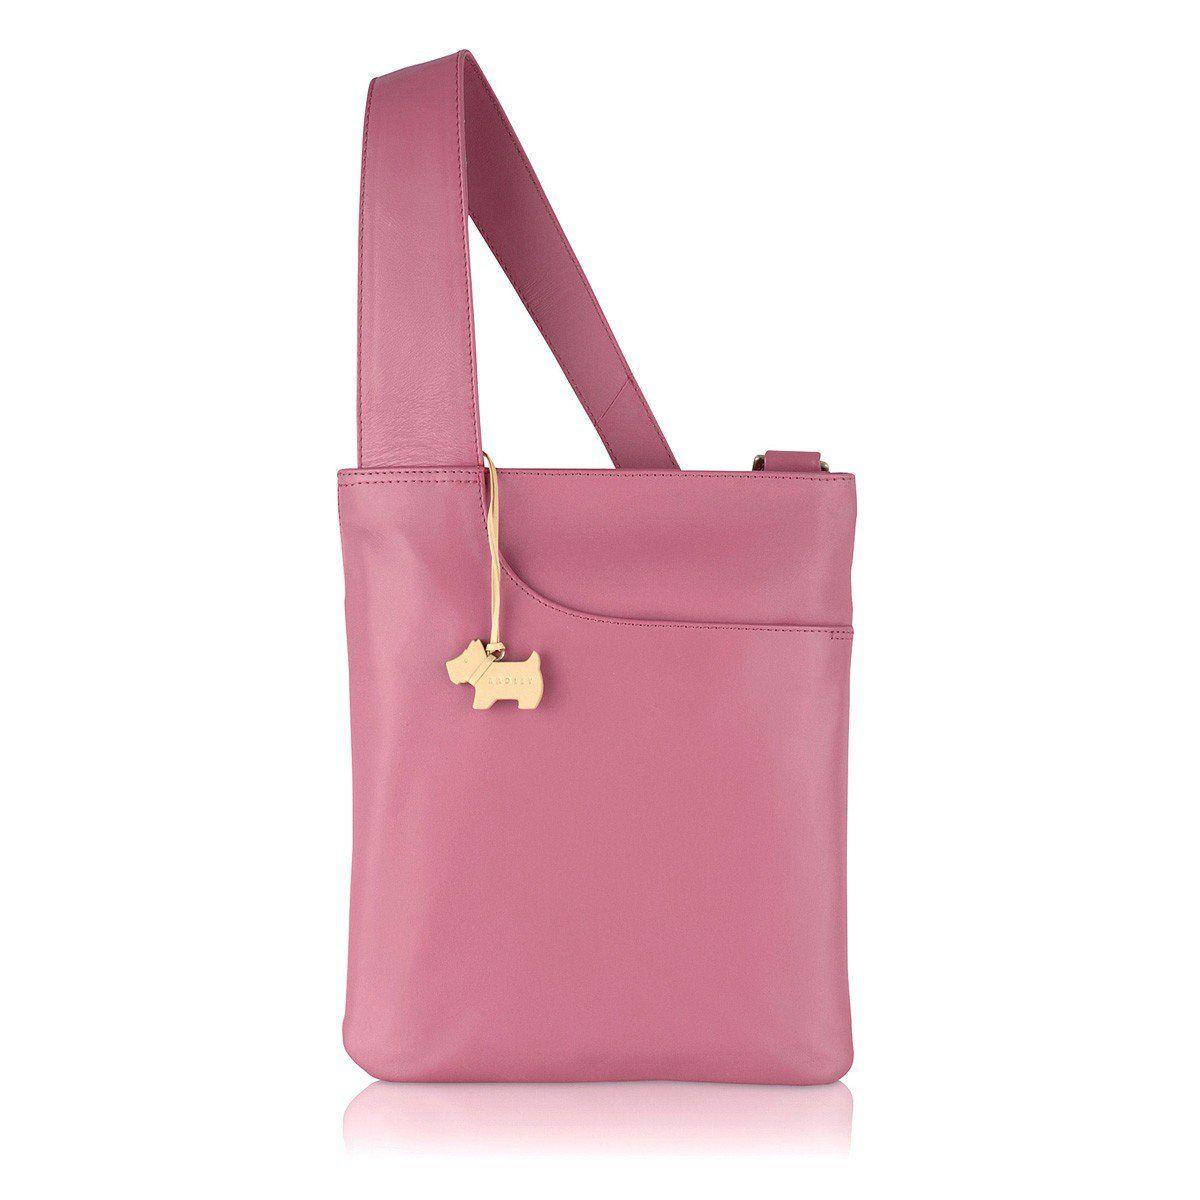 584283ab0d Pocket Bag Medium Zip-top Cross Body Bag   Buy Cross Body Bag Online at  Radley